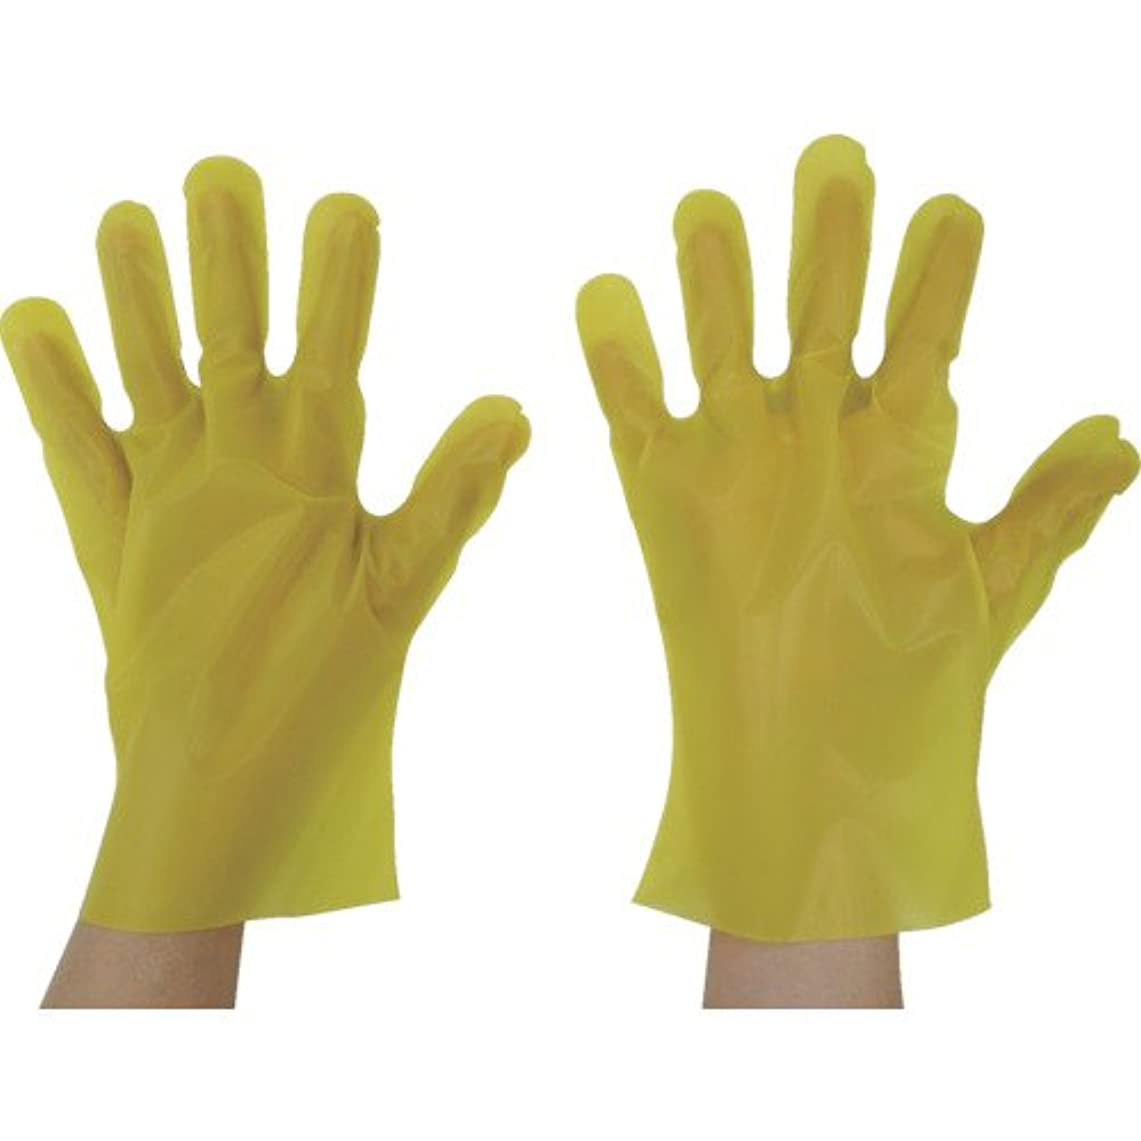 検出するアーサーいっぱい東京パック エンボス手袋五本絞りエコノミー化粧箱S イエロー(入数:200枚) YEK-S